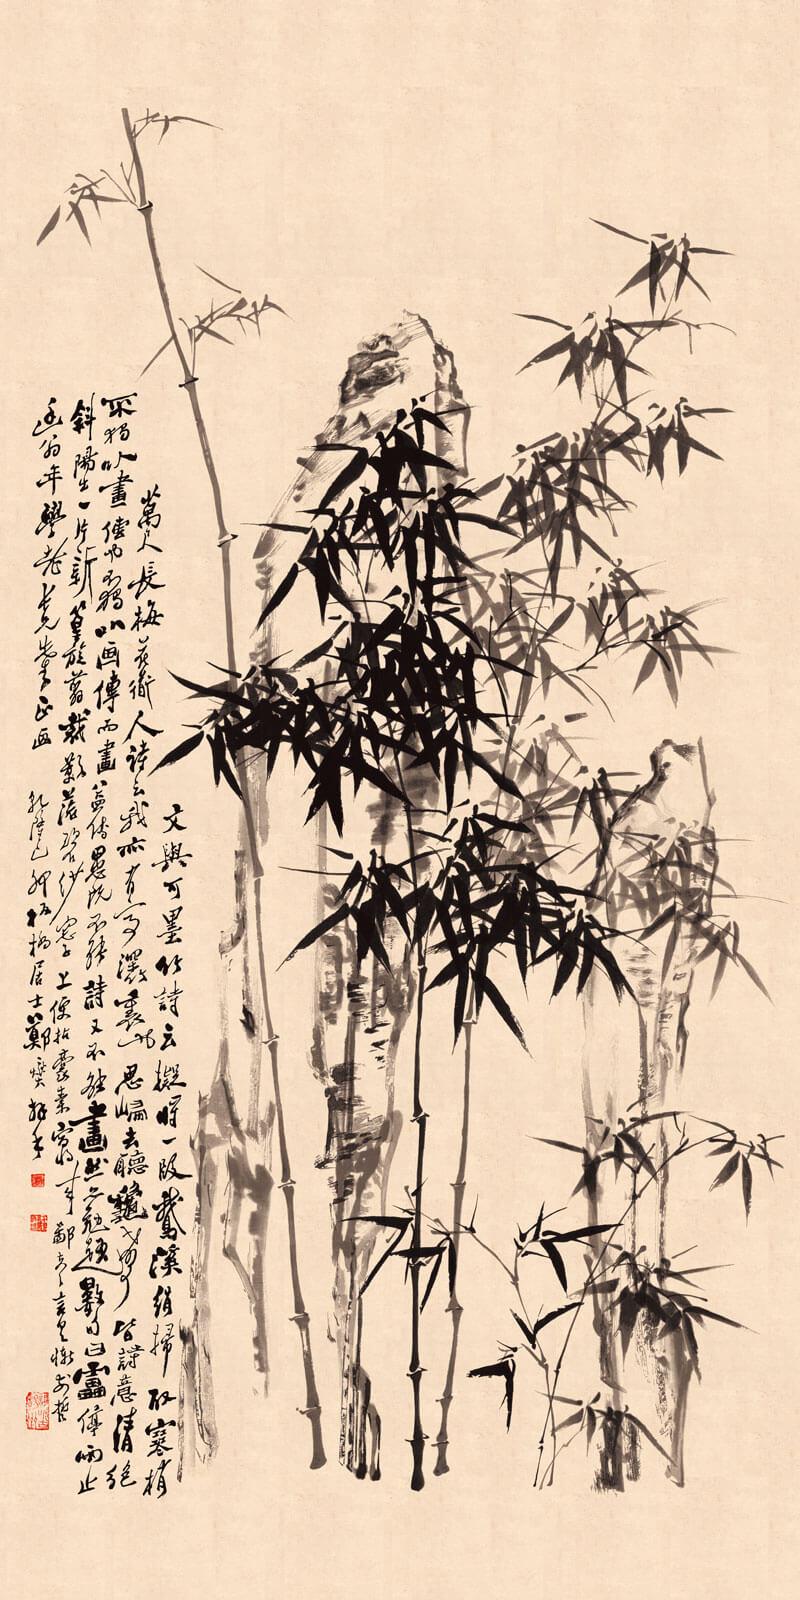 Trinh-Ban-Kieu—Truc-Thach-do-2